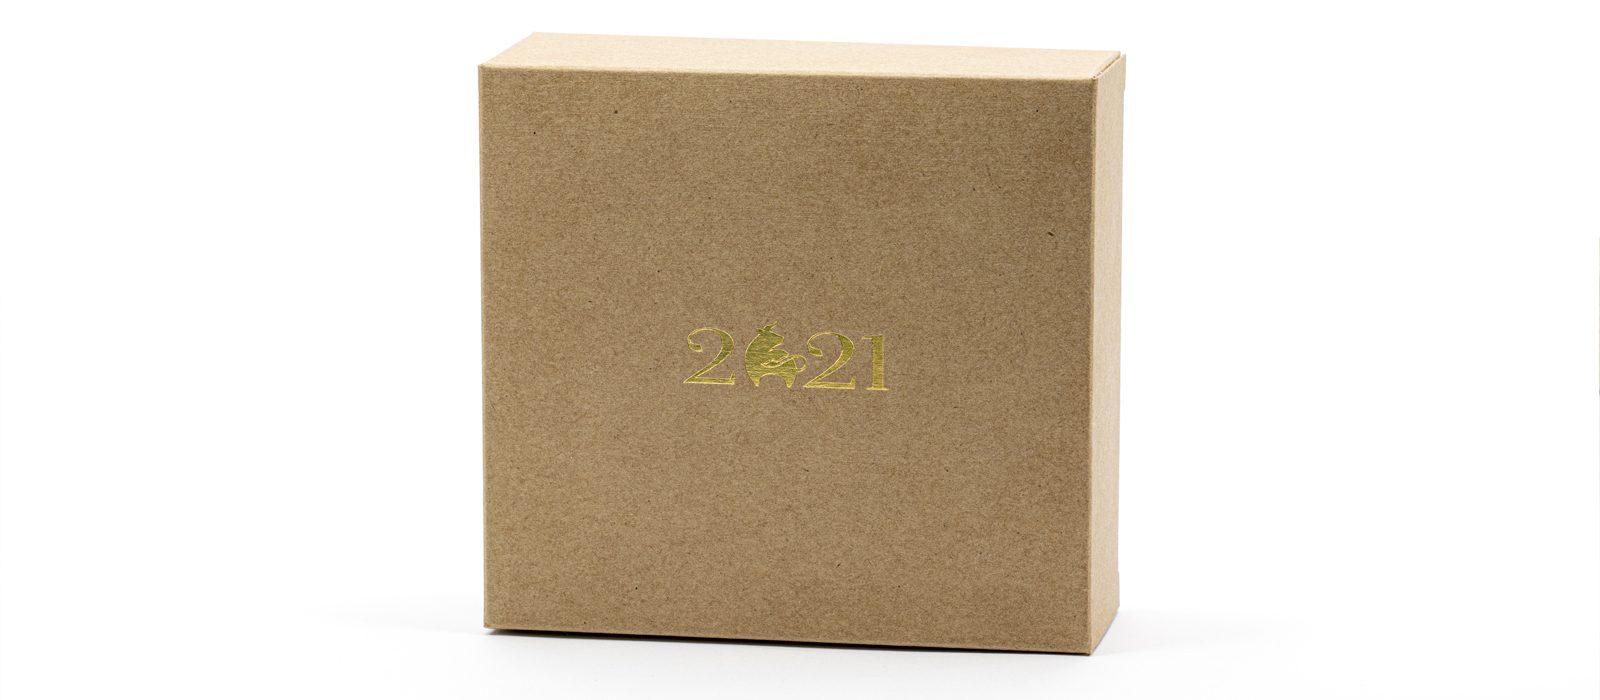 Упаковка для подарков и календарей